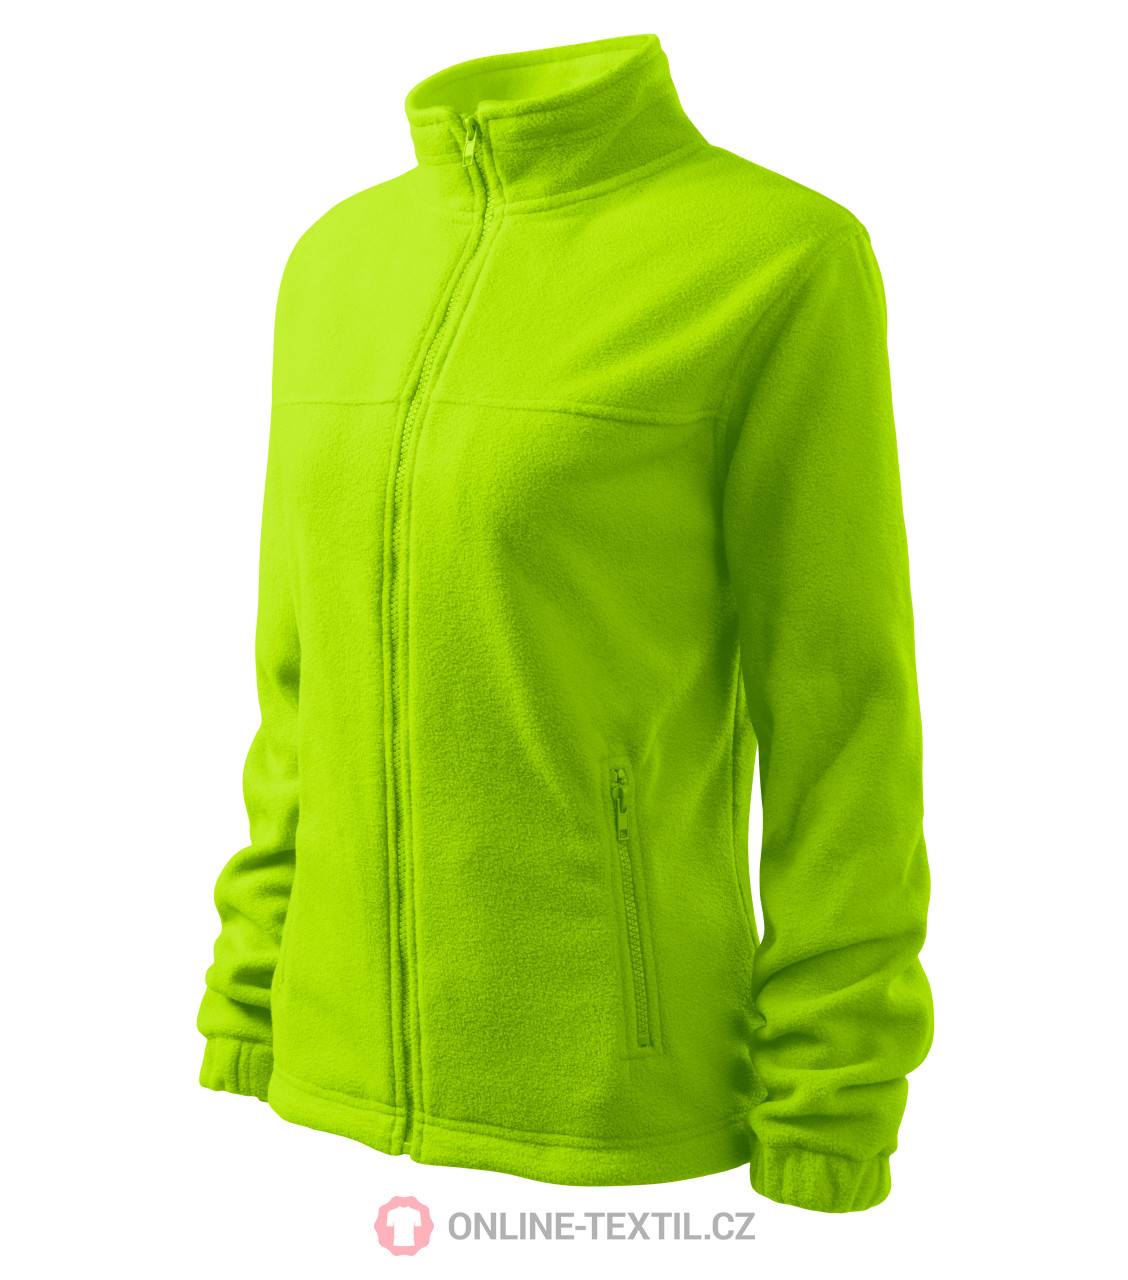 8425d156a6e0 ADLER CZECH Dámska fleece bunda mikina Fleece Jacket 504 - limetková ...